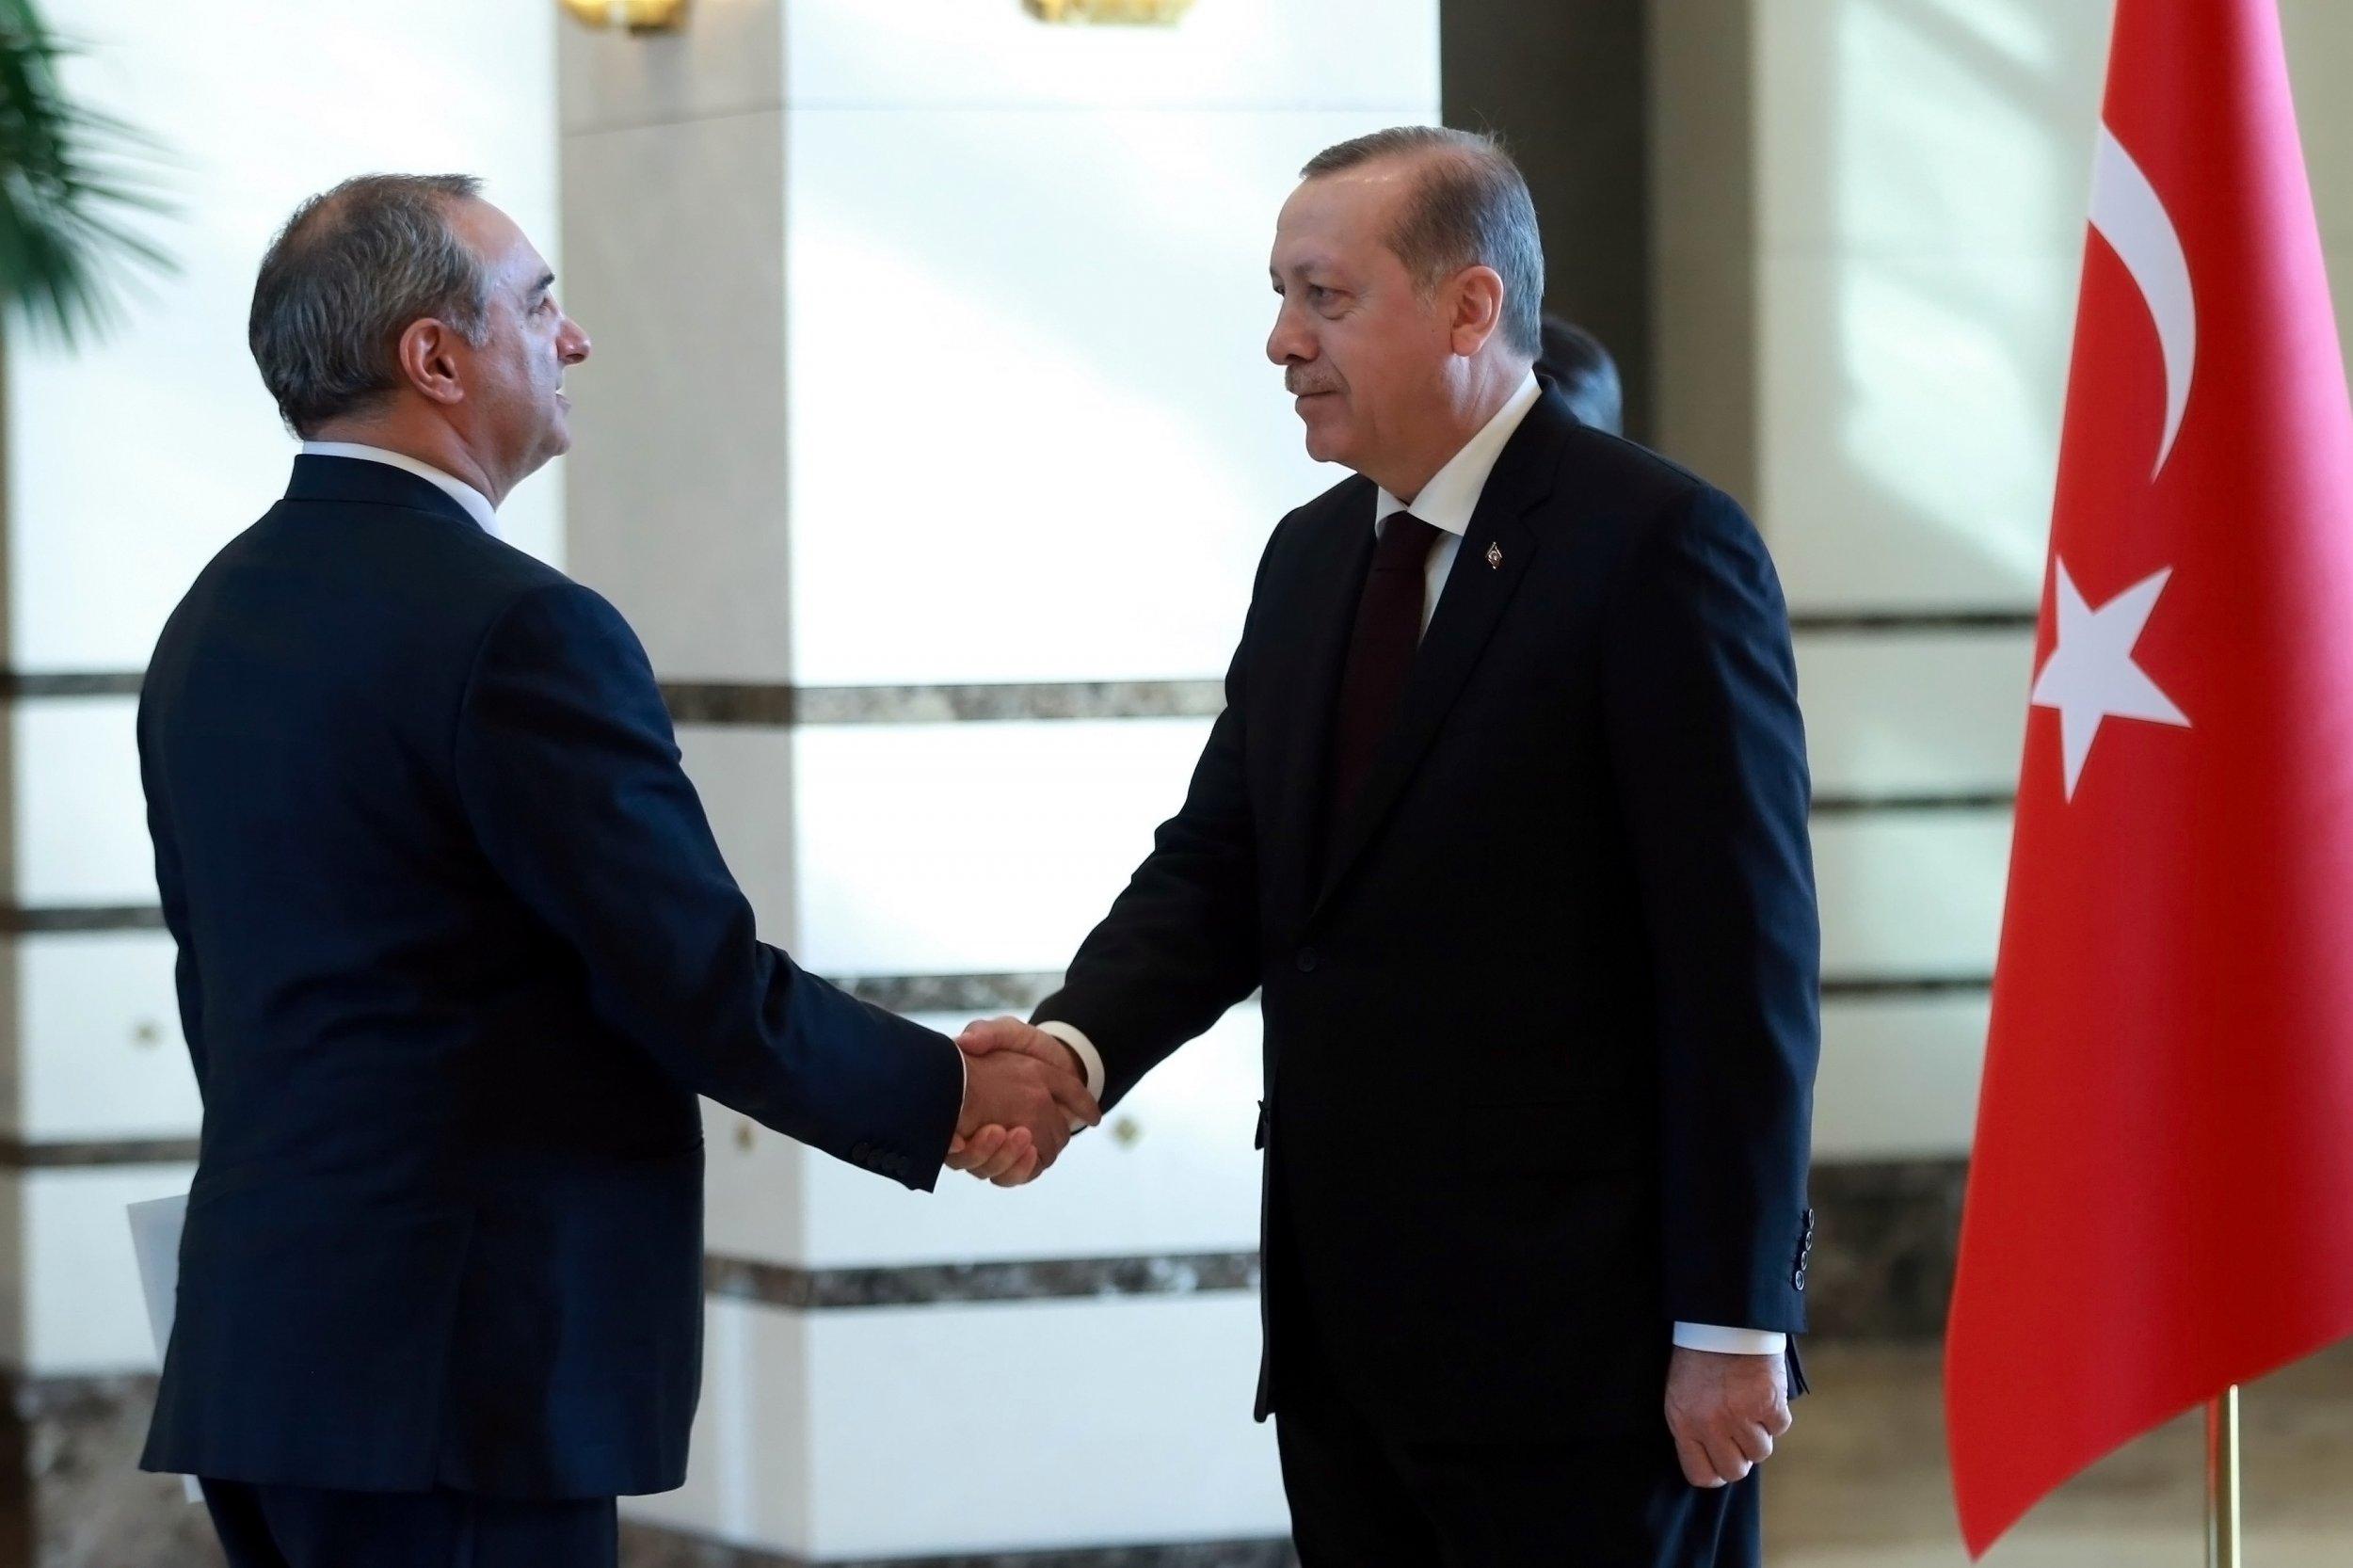 Israeli ambassador and Turkish President